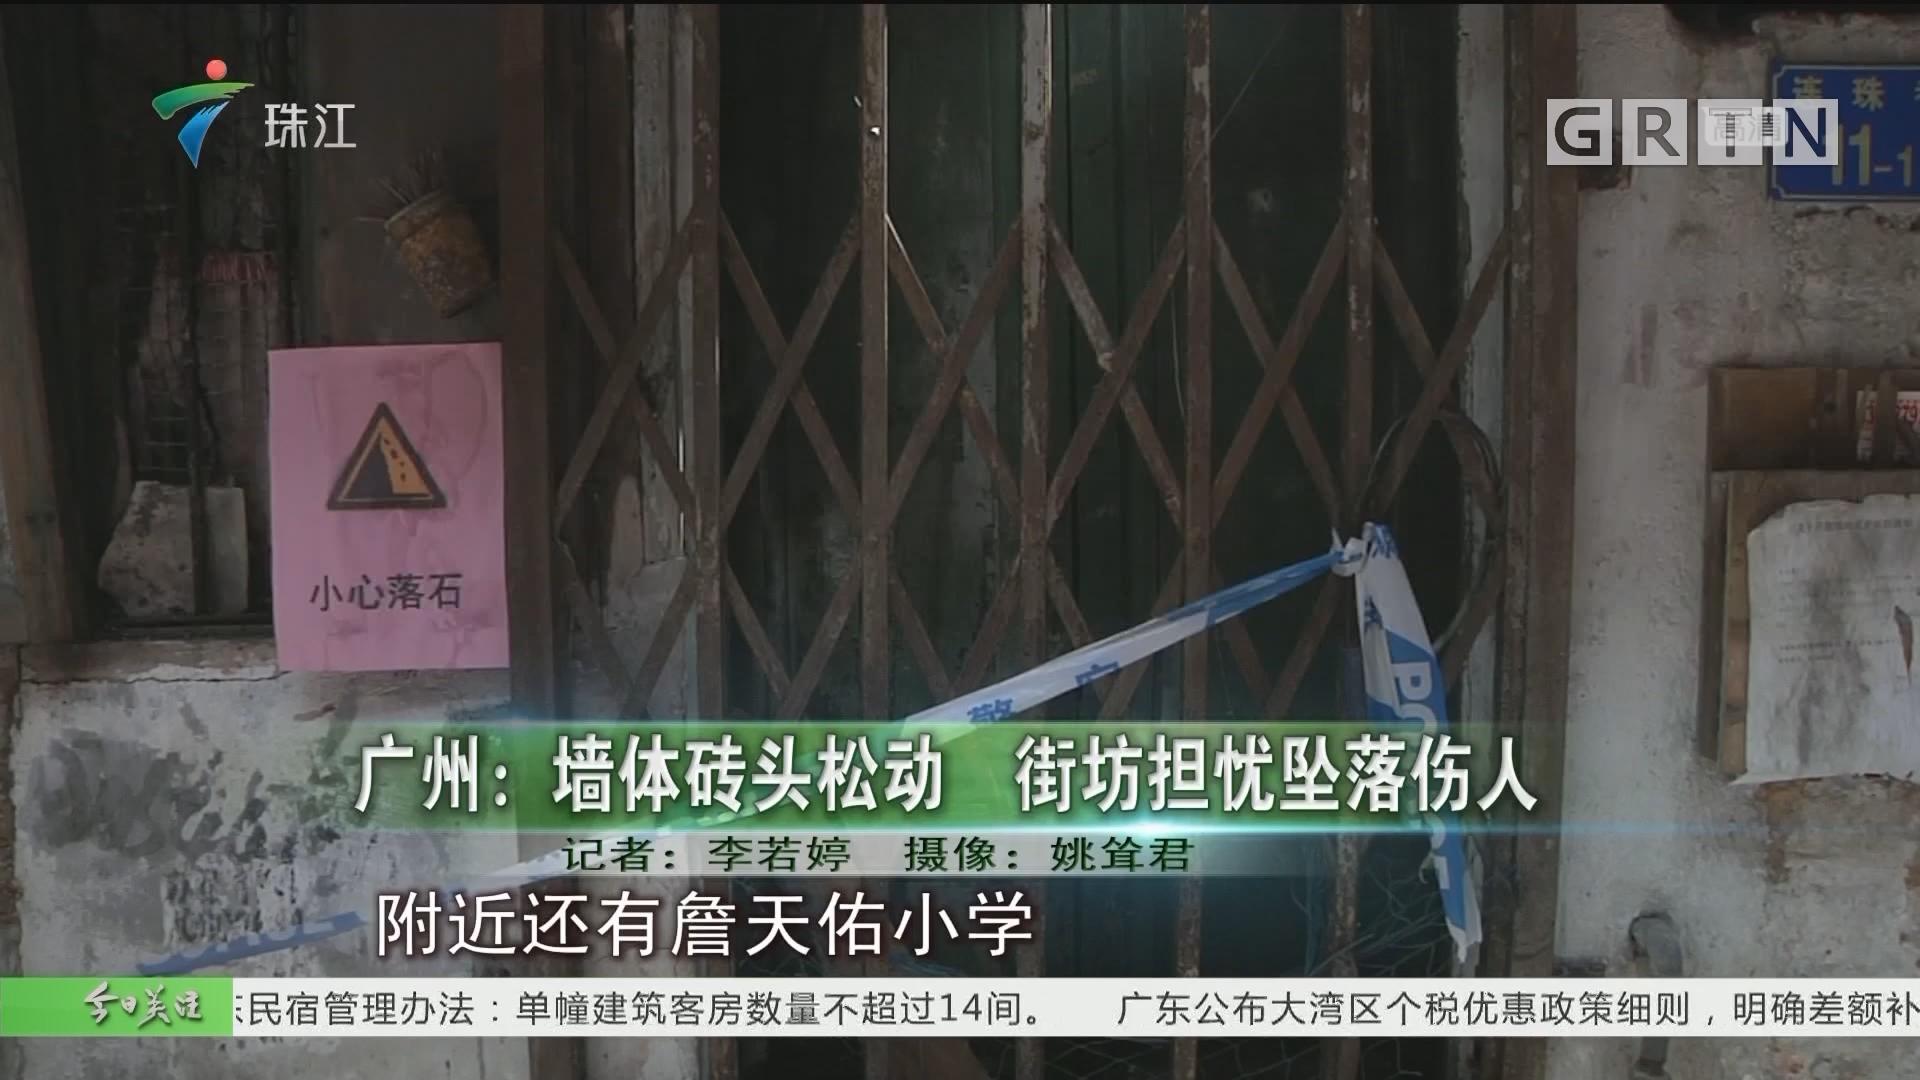 广州:墙体砖头松动 街坊担忧坠落伤人